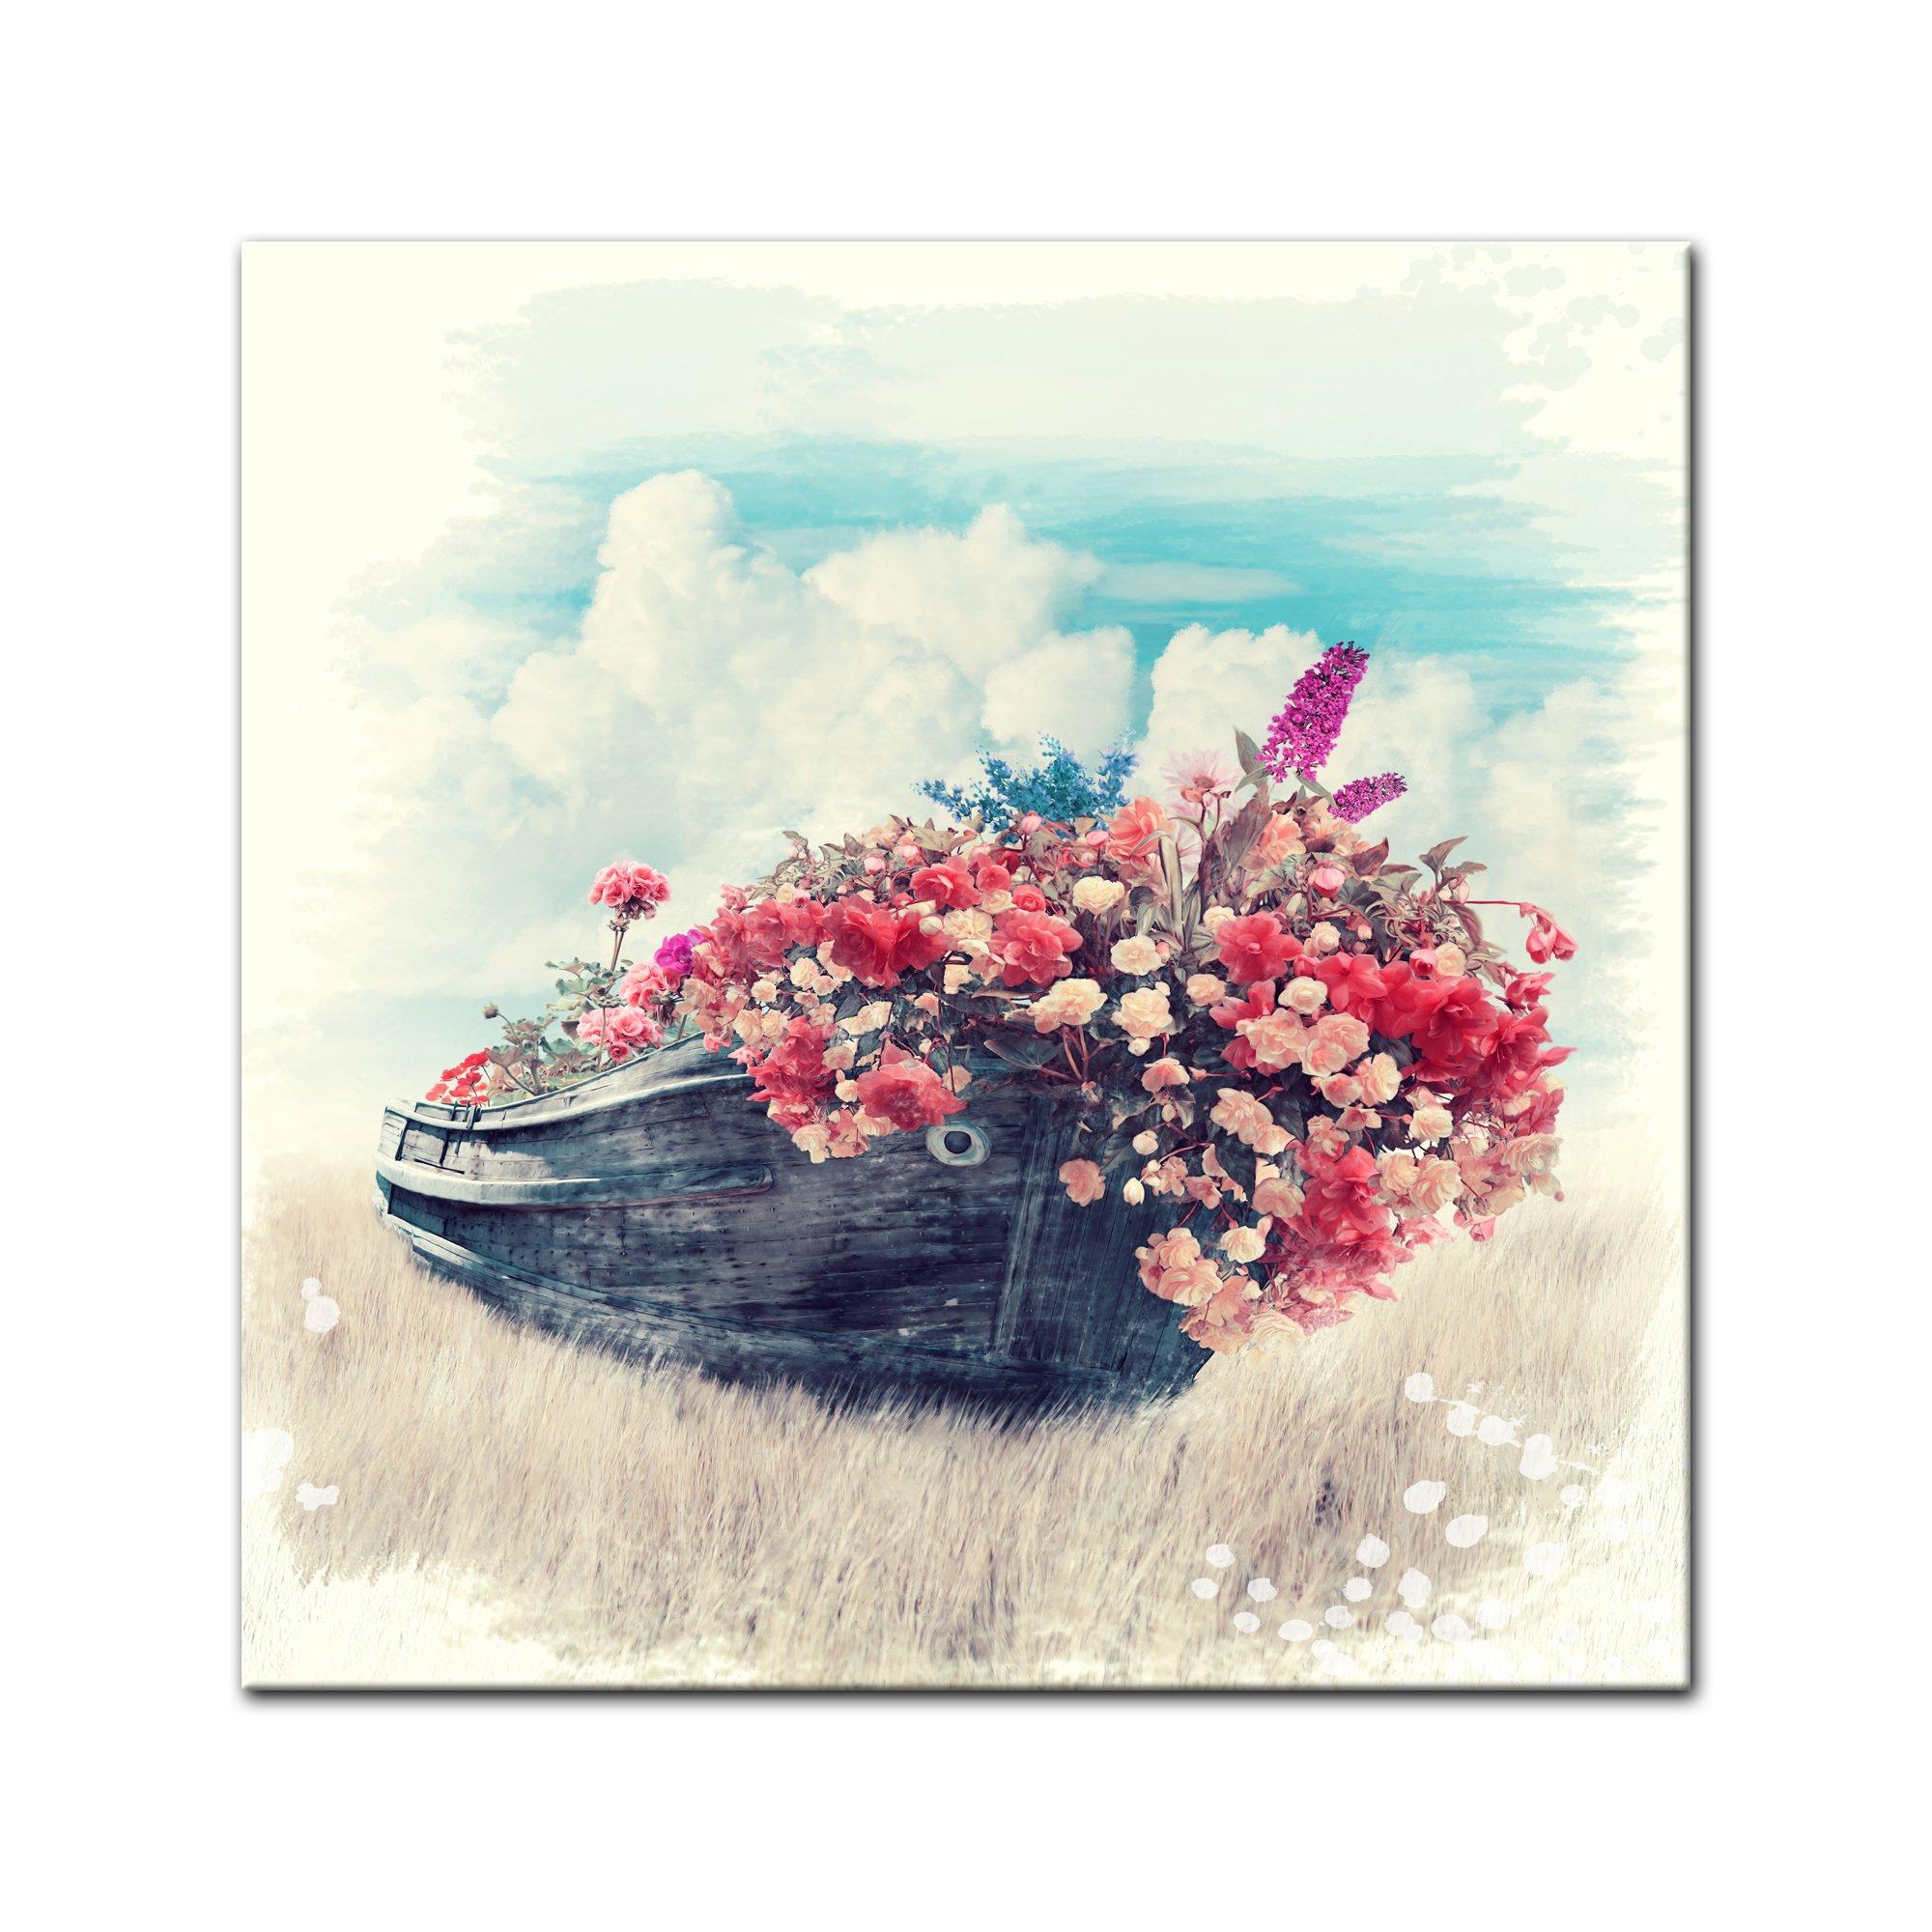 Bilderdepot24 Cuadros en Lienzo Lámina Reproducción Acuarela Barco Viejo con florn 40 x 40 cm - Listo tensa, Directamente Desde el Fabricante: Amazon.es: Hogar